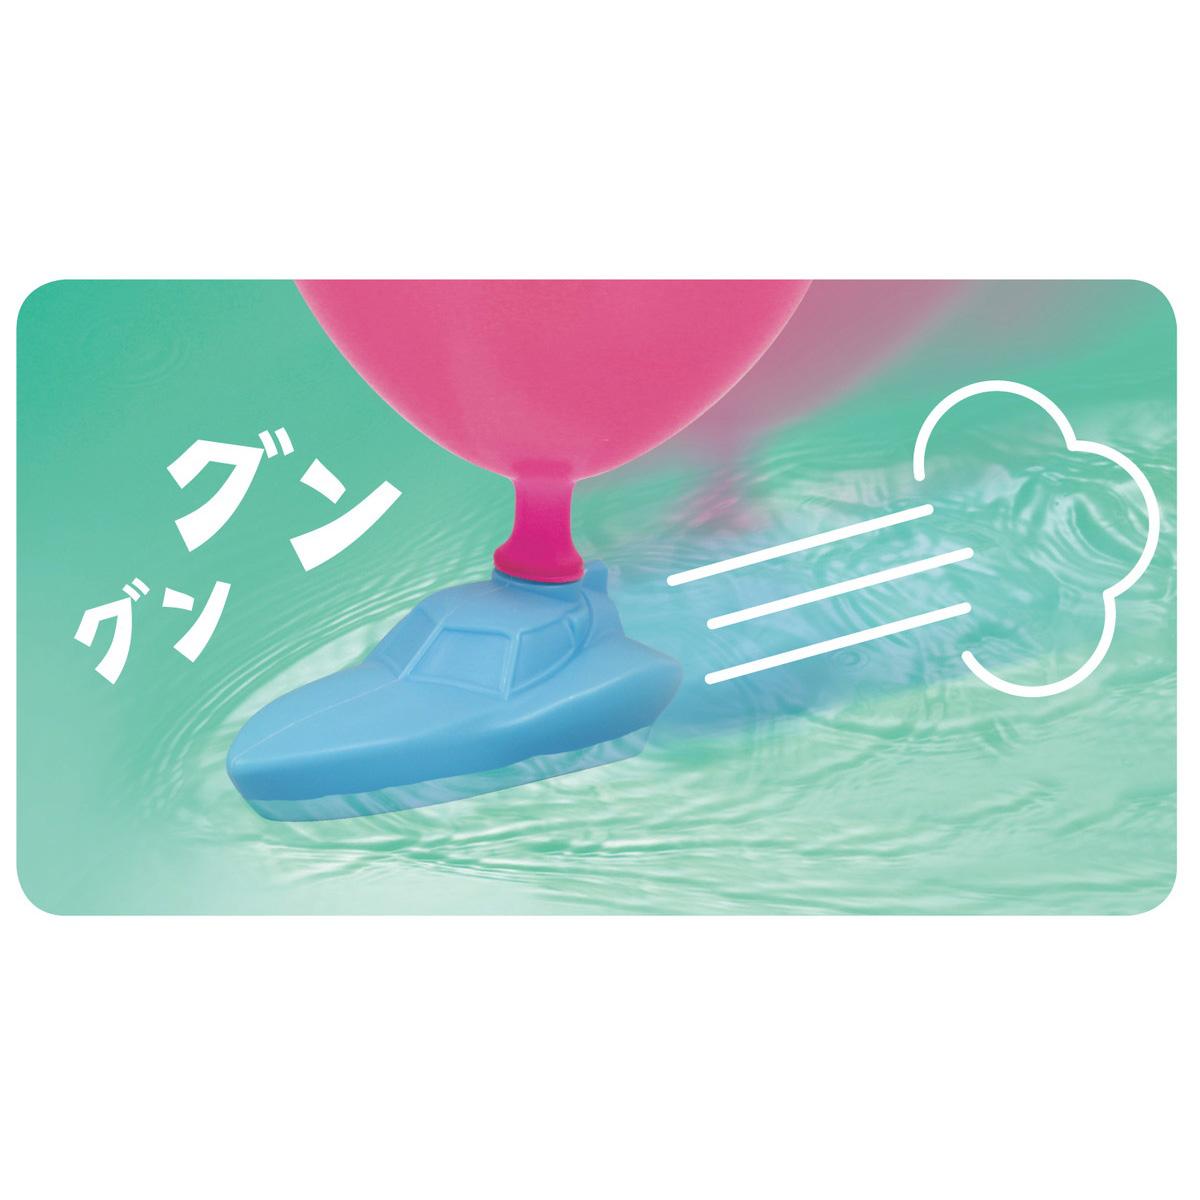 ふうせんボート ゲーム おもちゃ こども 子供 遊び 玩具 風船 おふろ お風呂 水遊び クリスマスプレゼント